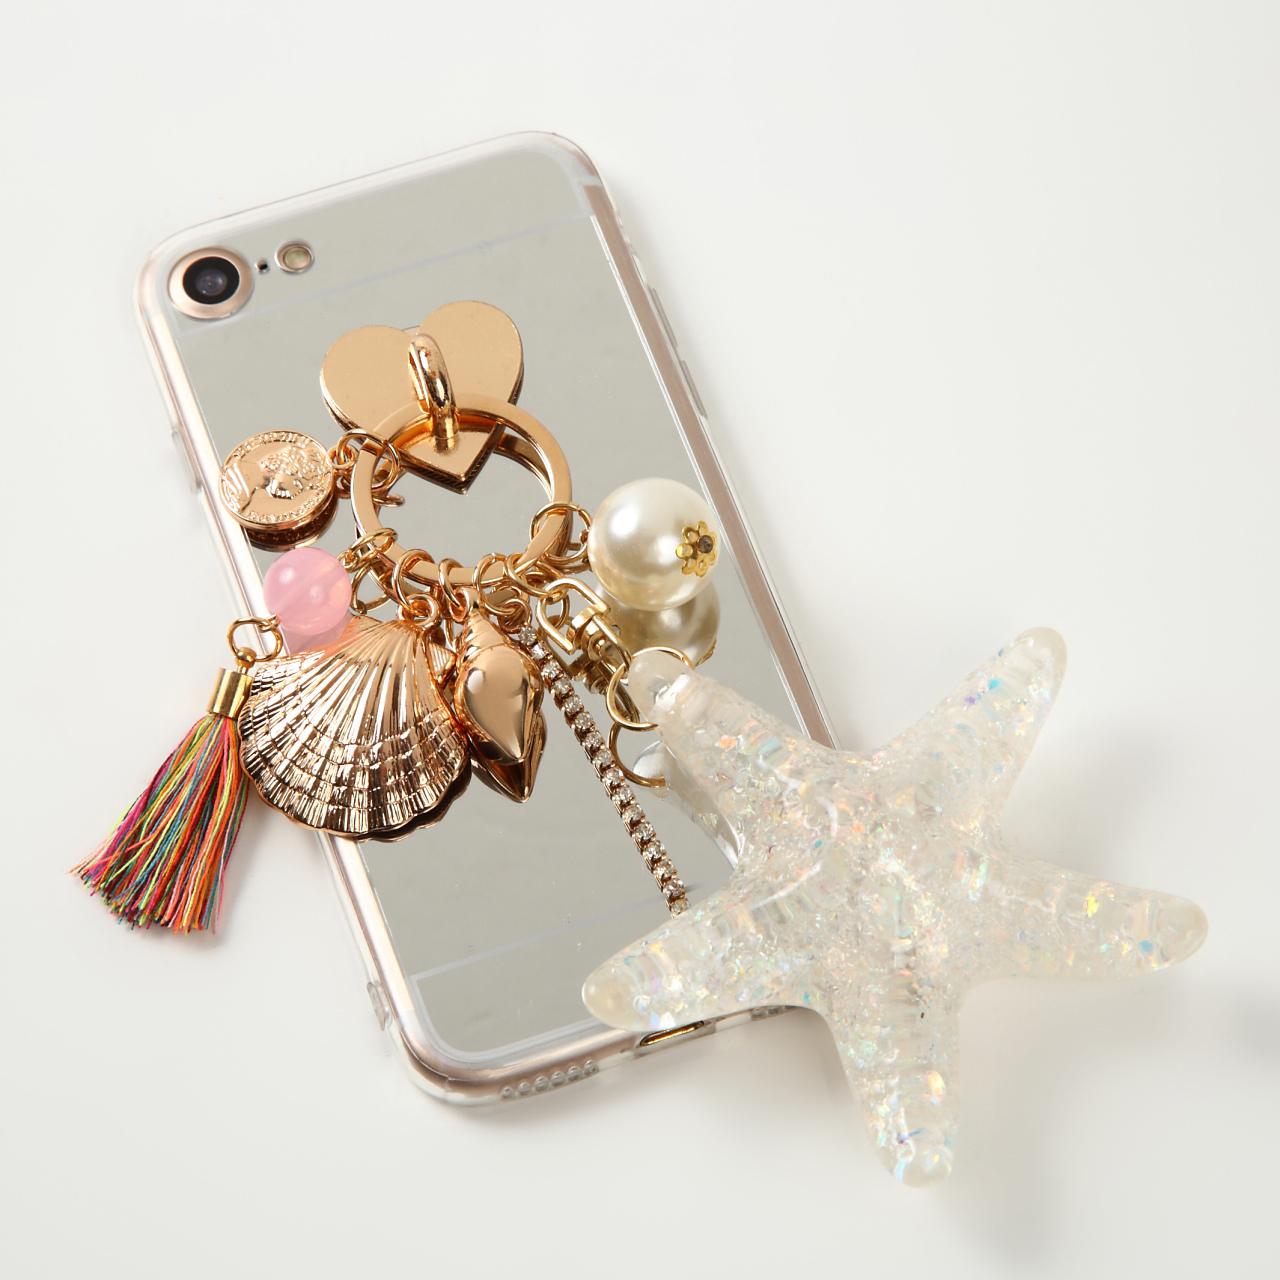 【即納★送料無料】ミラーソフトケースにヒトデ 貝殻 チャーム付 iPhoneケース